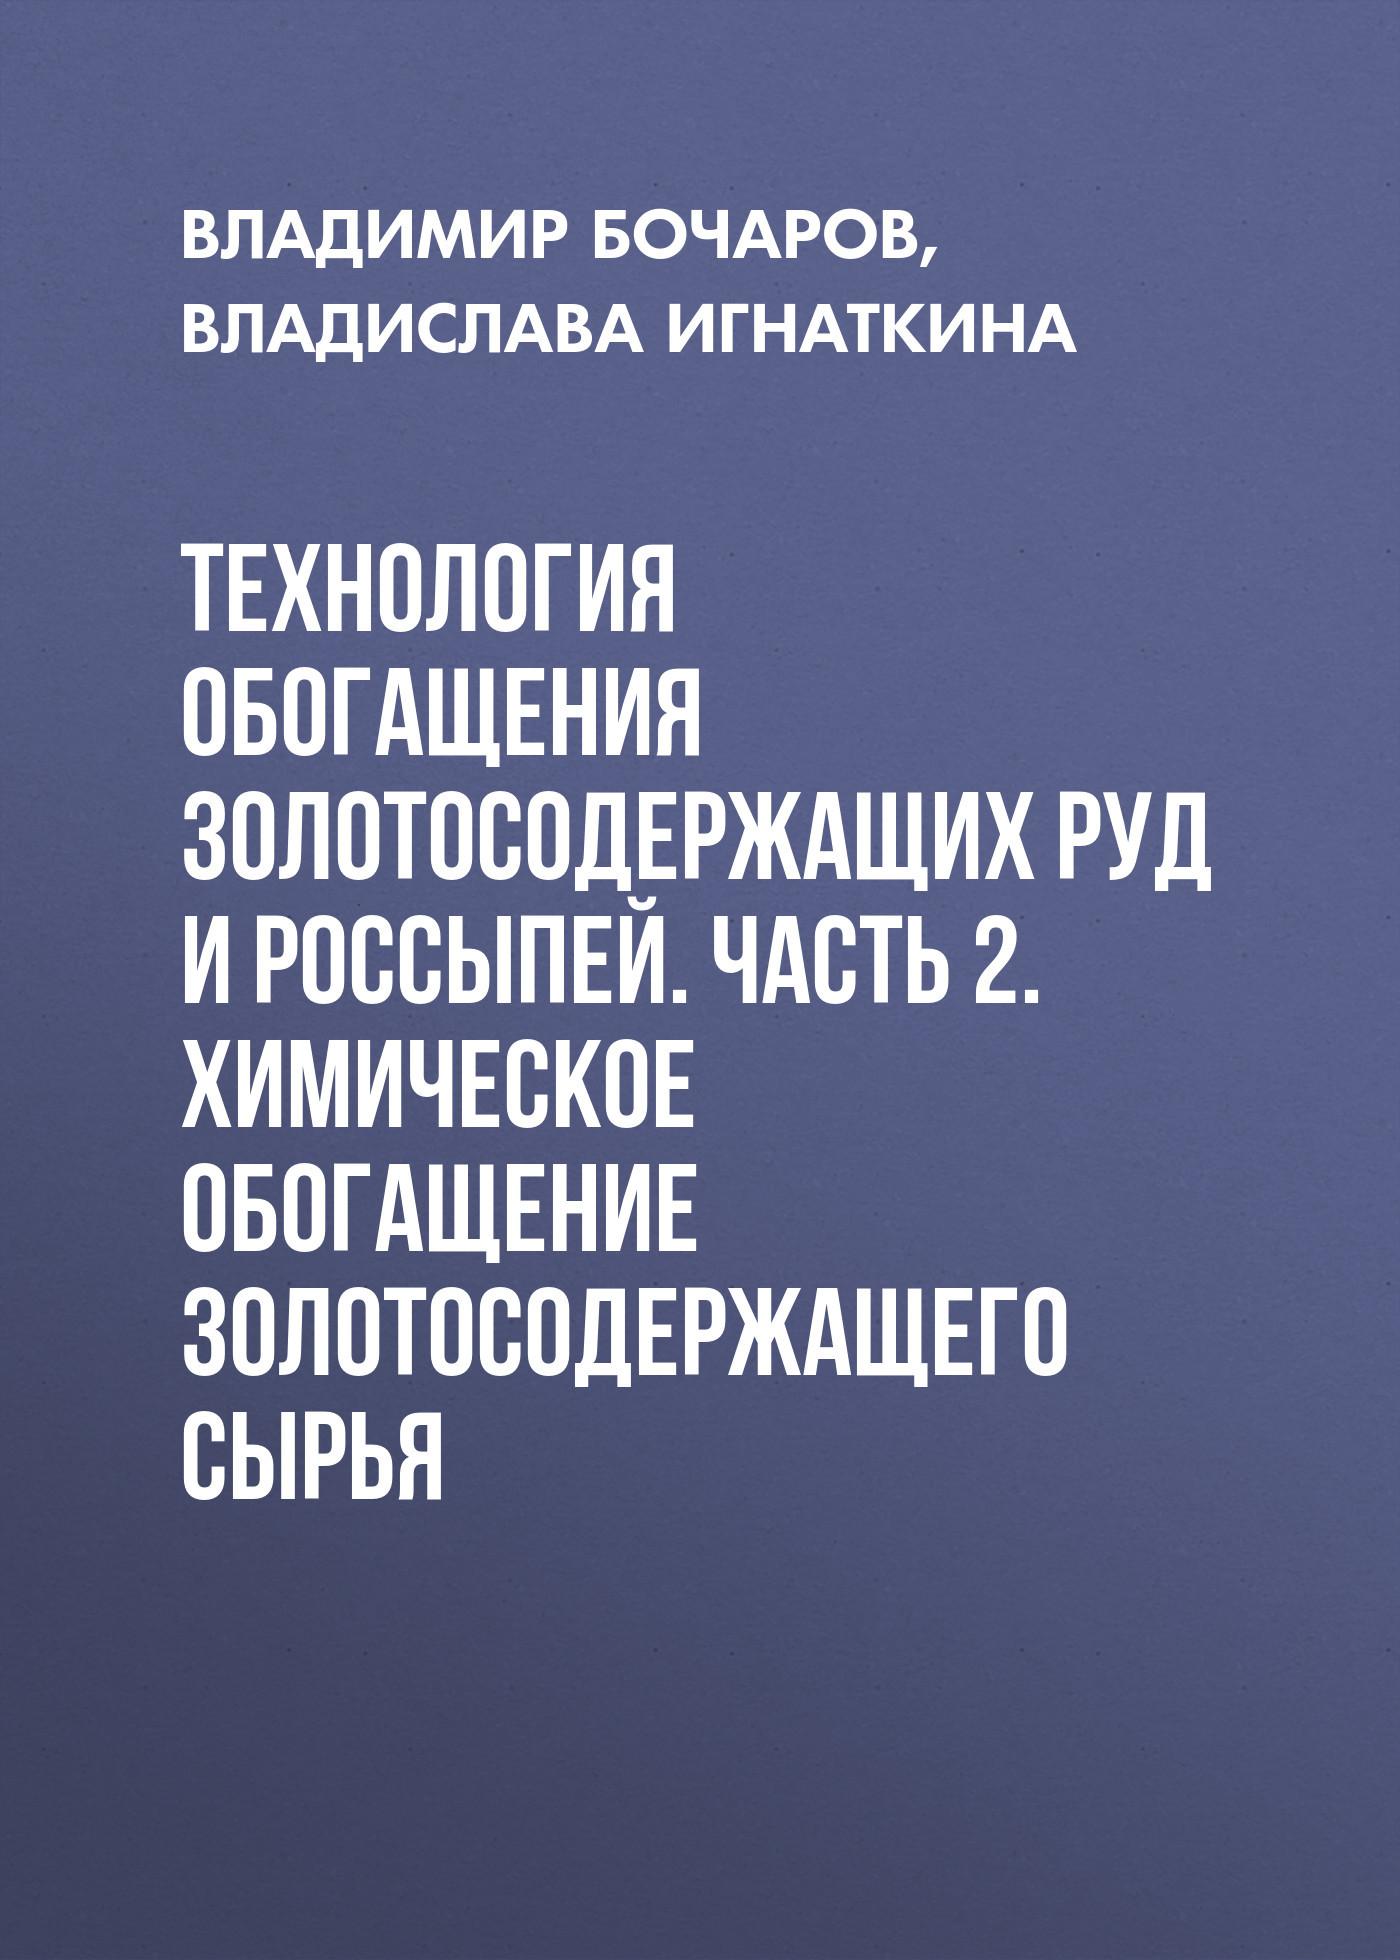 Владислава Игнаткина Технология обогащения золотосодержащих руд и россыпей. Часть 2. Химическое обогащение золотосодержащего сырья